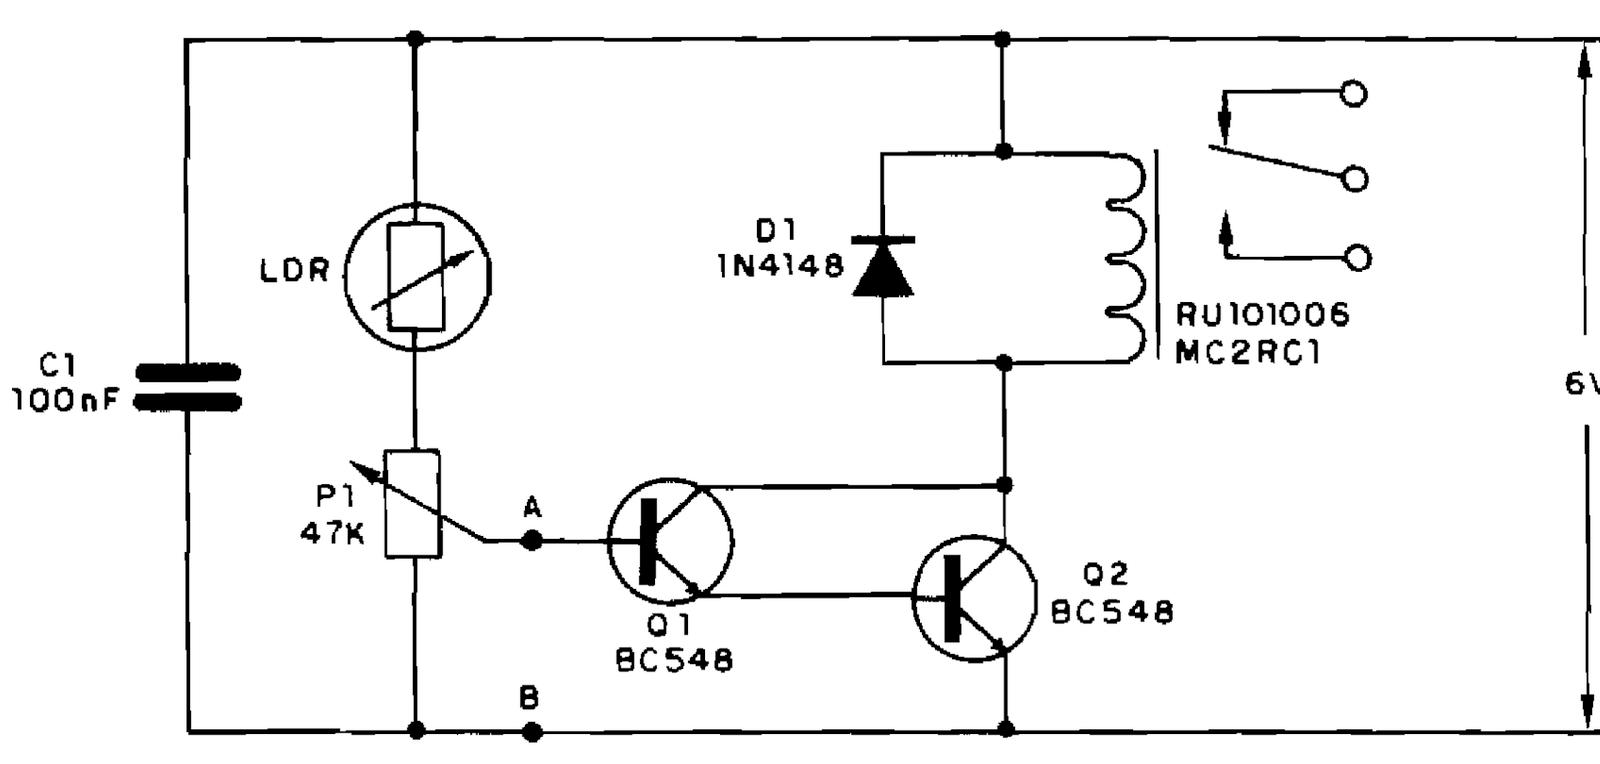 Circuito Ldr : EletrÔnica geral relé de luz com ldr